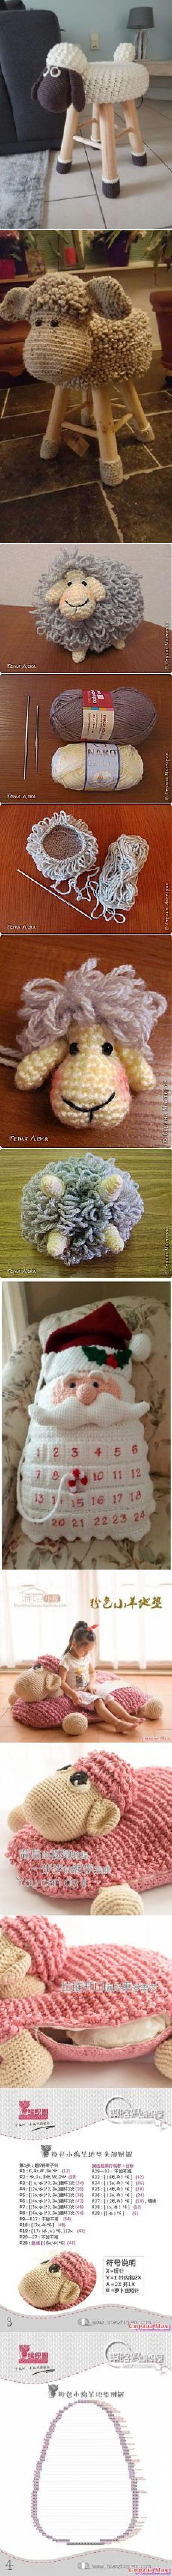 Овечка (подушка, матрасик) - Вязание для детей - Страна Мам #крючком | вязание Крючком | Страна, Для детей и Вязание